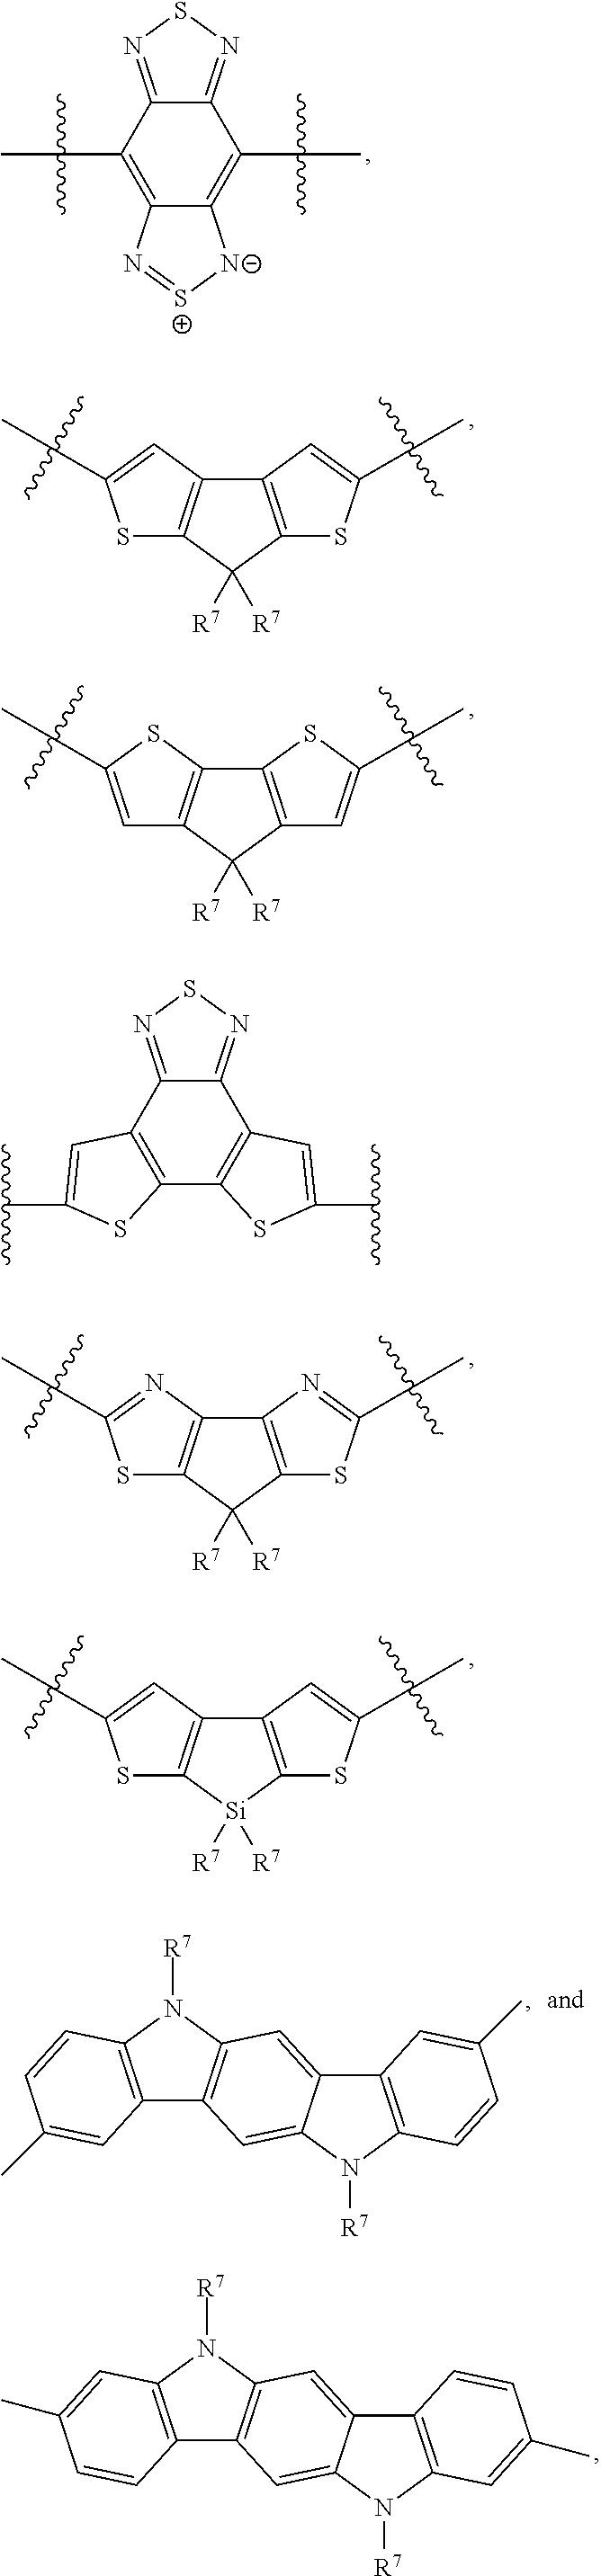 Figure US08329855-20121211-C00048